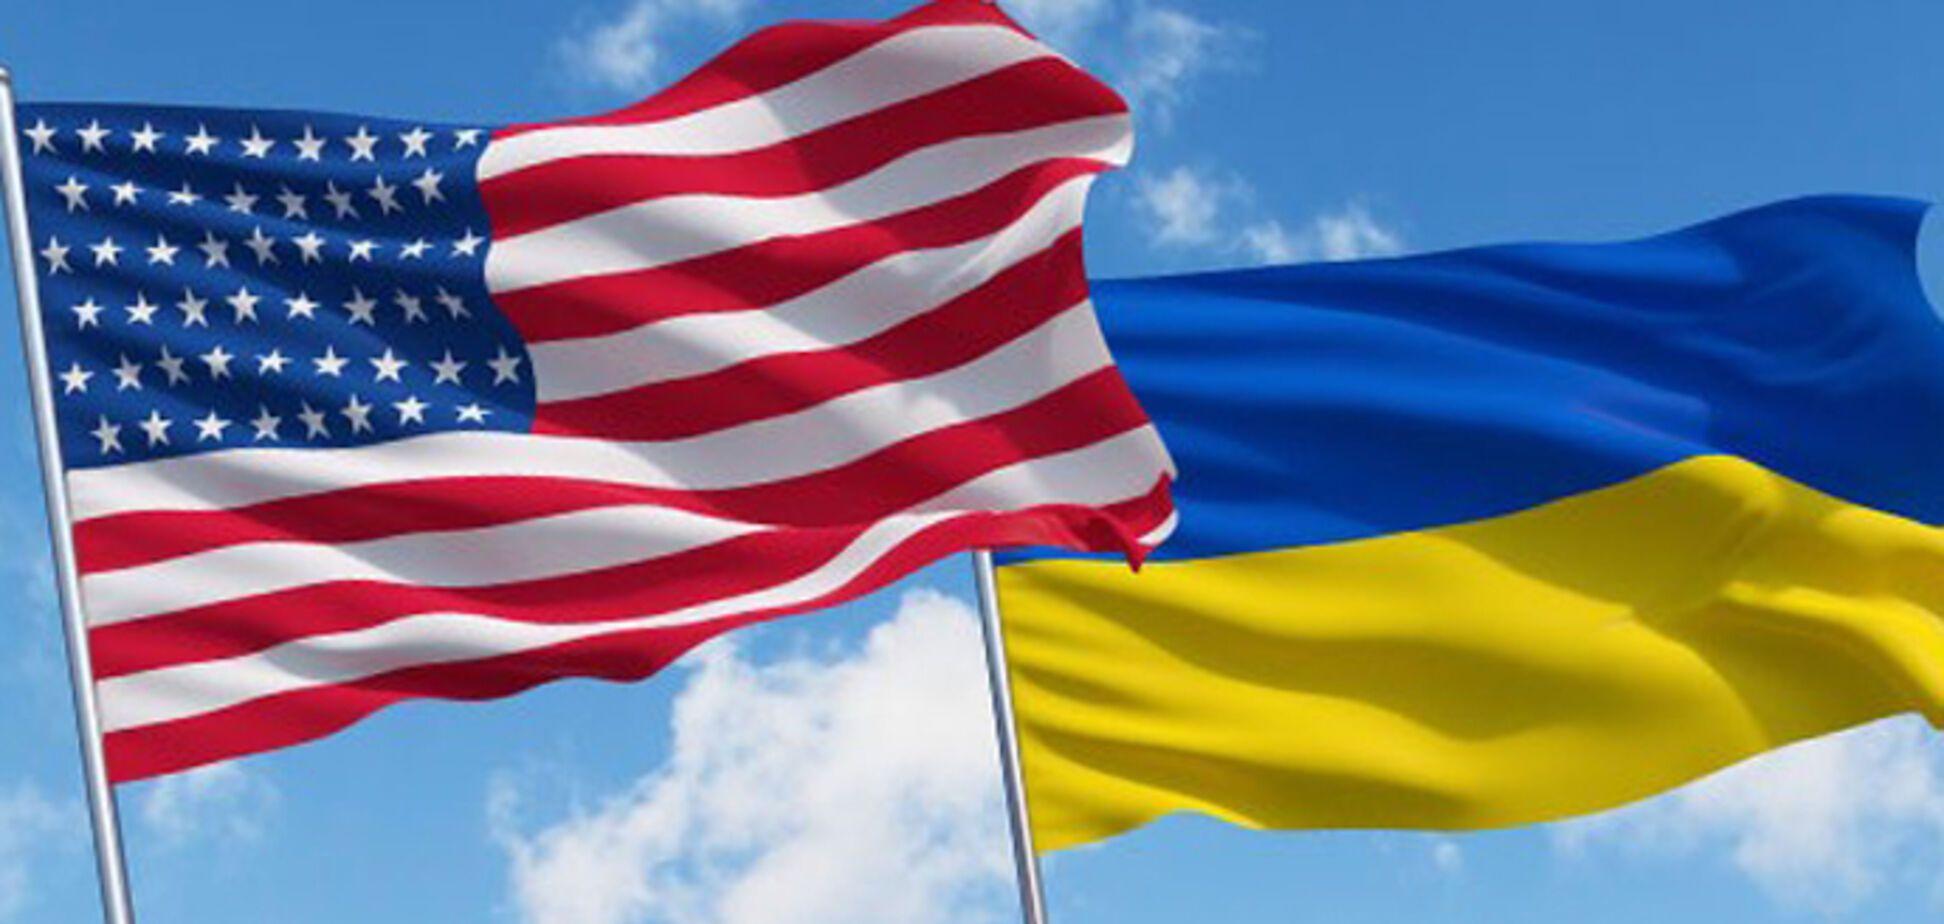 Росія через своїх агентів намагається дискредитувати відносини США і України